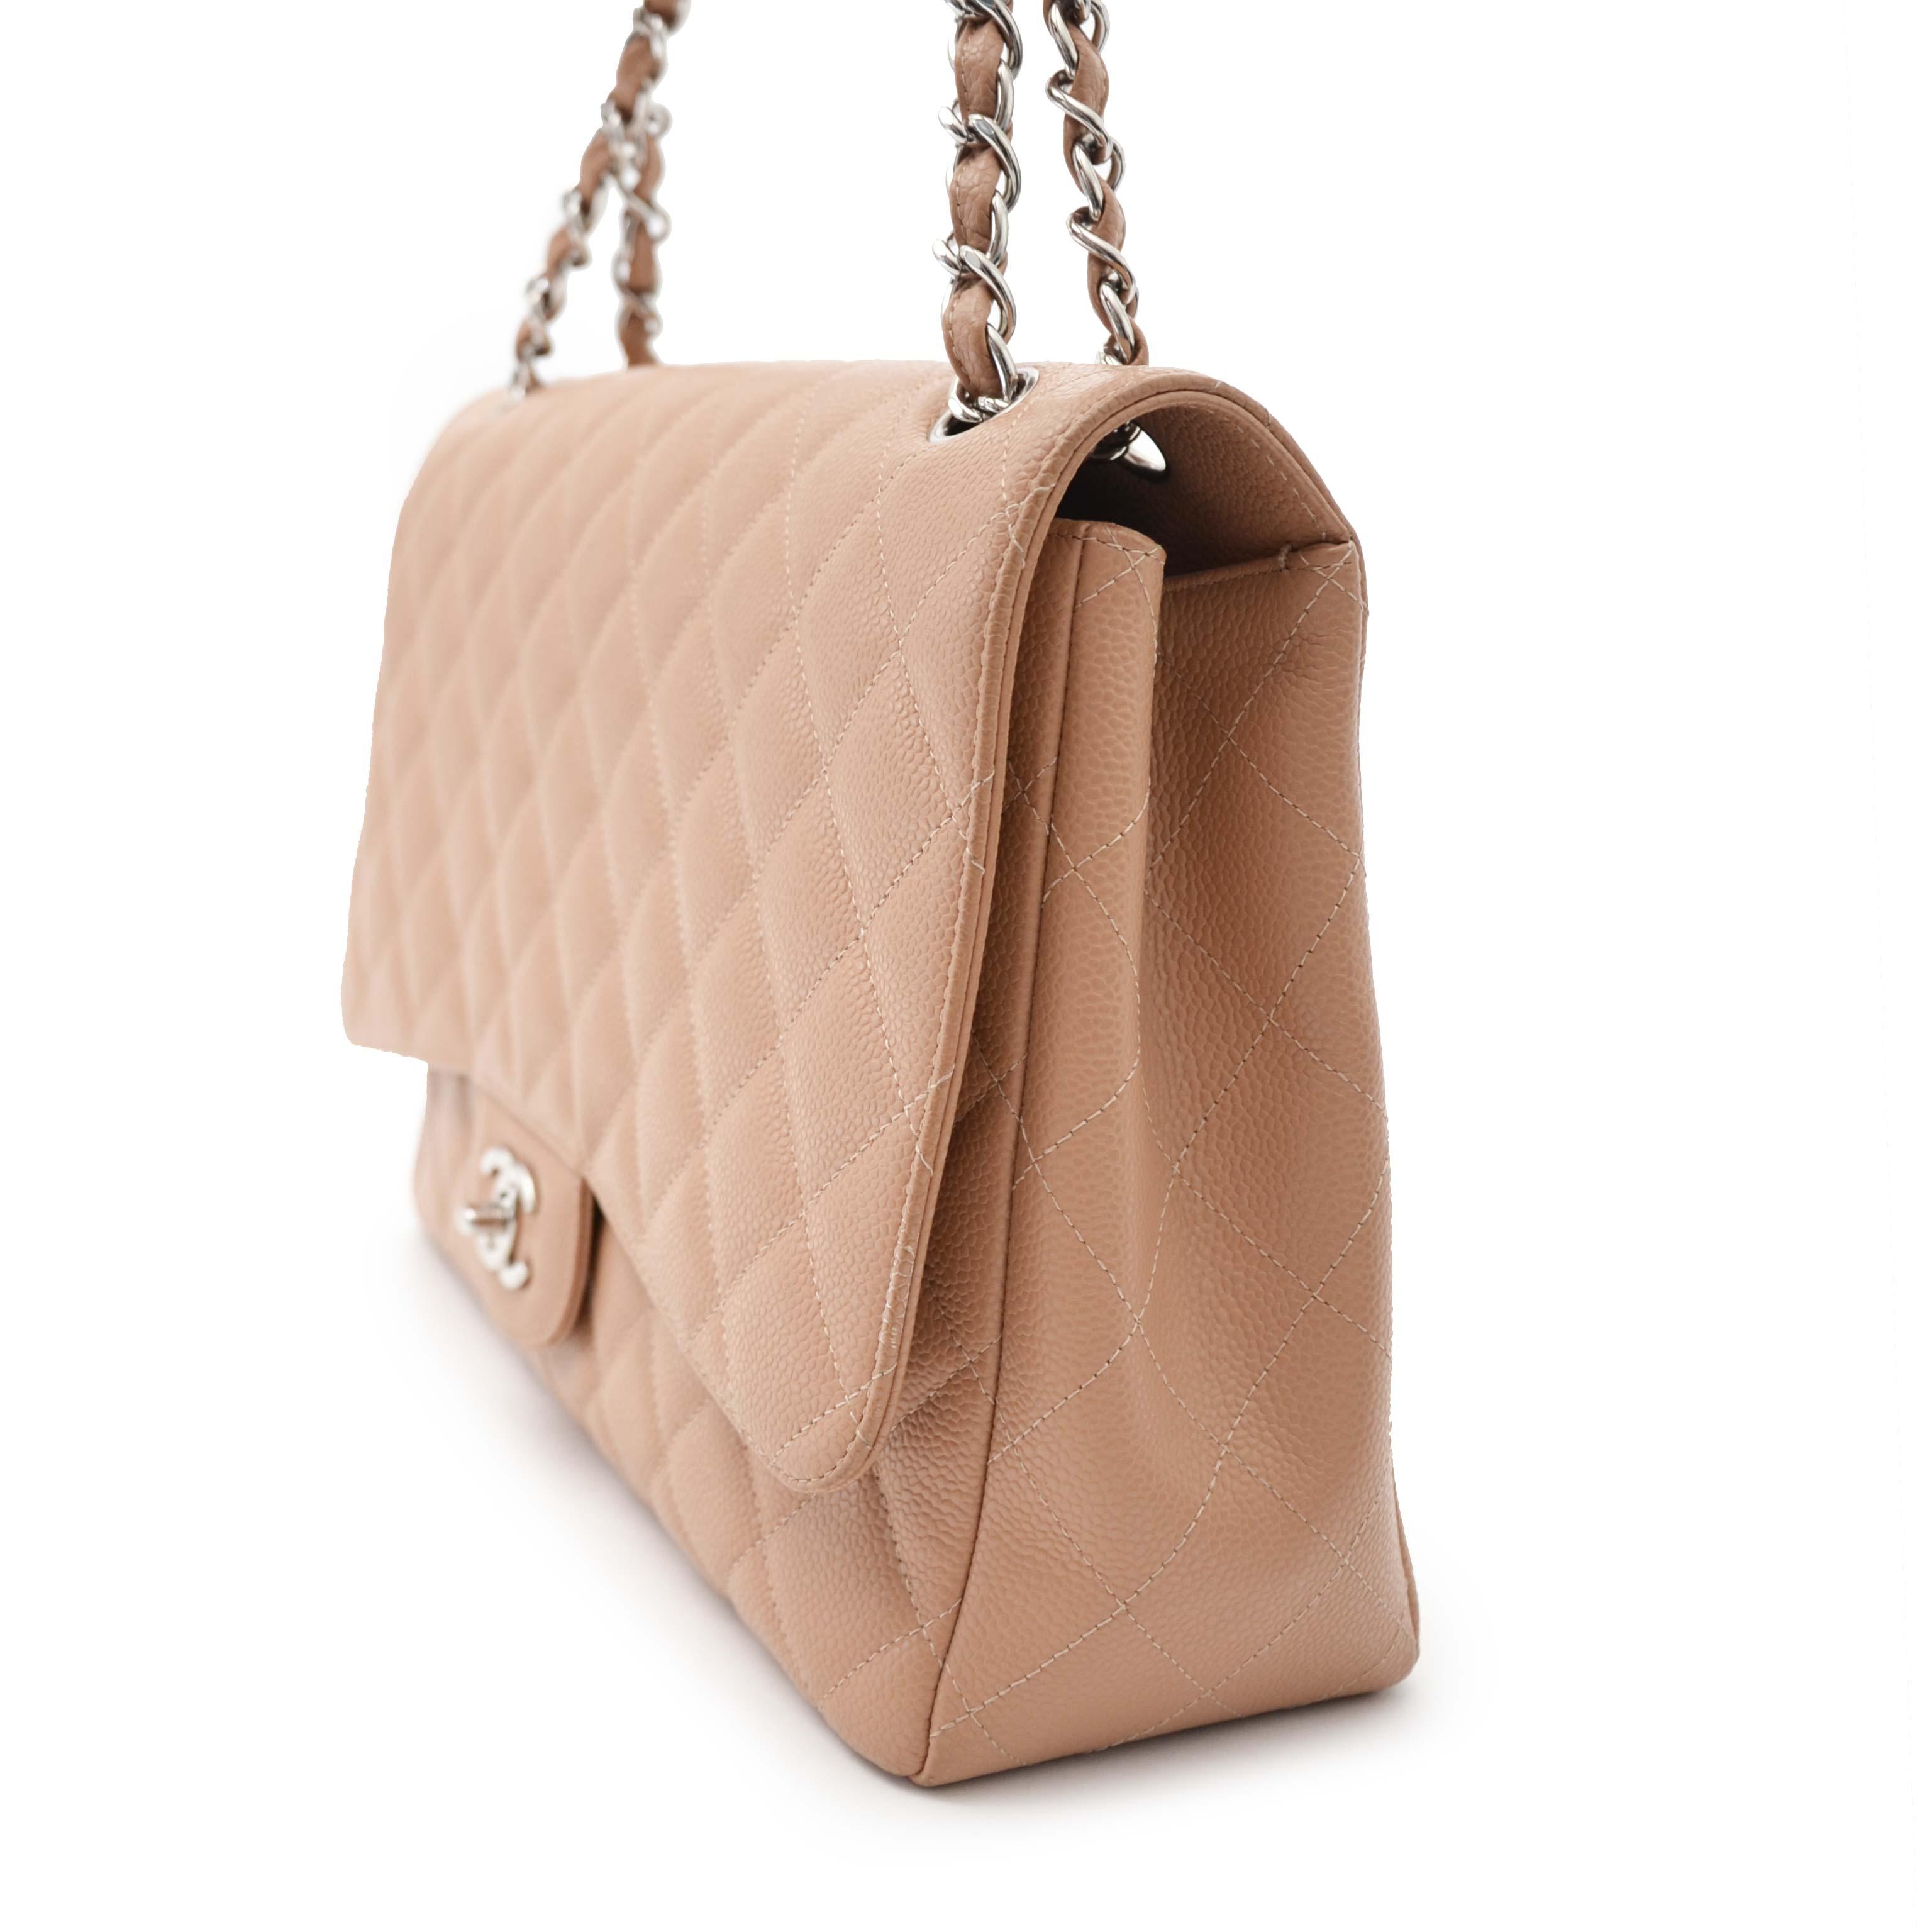 4f14b413d1dbb ... Chanel Beige Caviar Maxi Classic Single Flapbag pour le meilleur prix